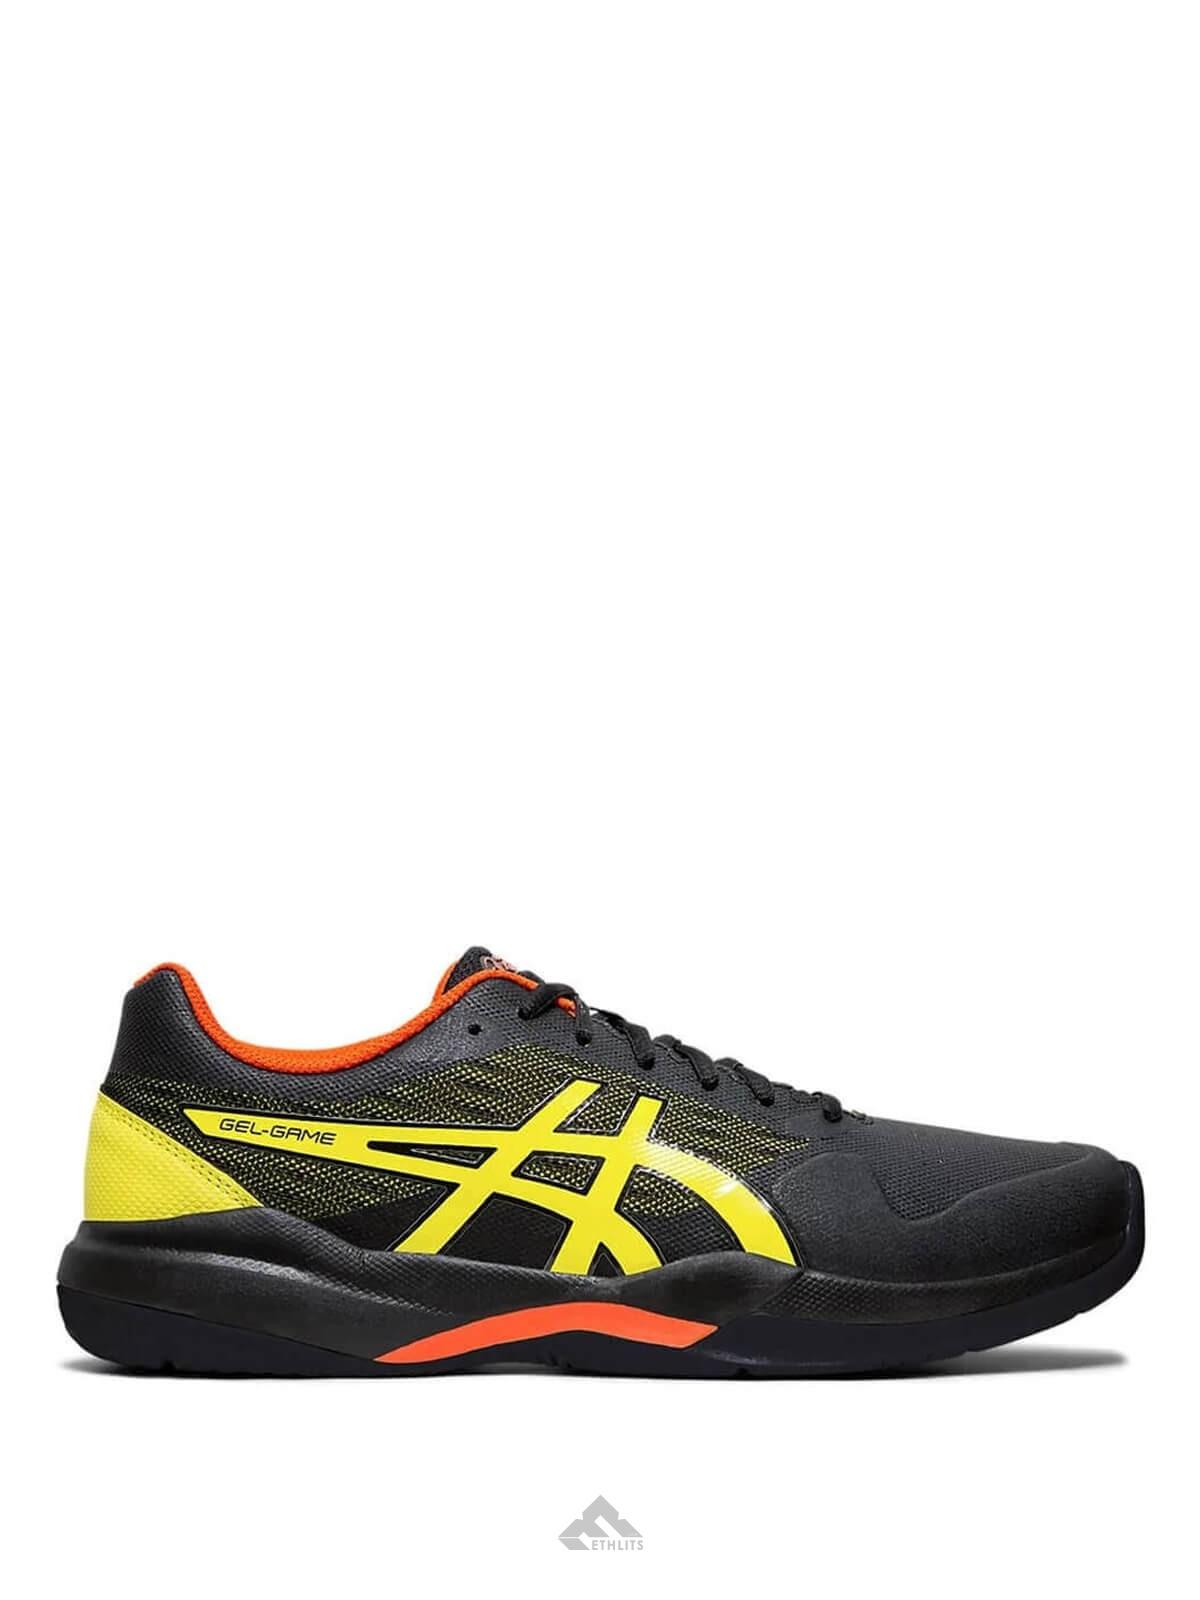 Y equipo prefacio acantilado  Buy Asics Gel-Game 7 Black/Sour Yuzu Tennis Shoes Online in India at Best  Price, Reviews